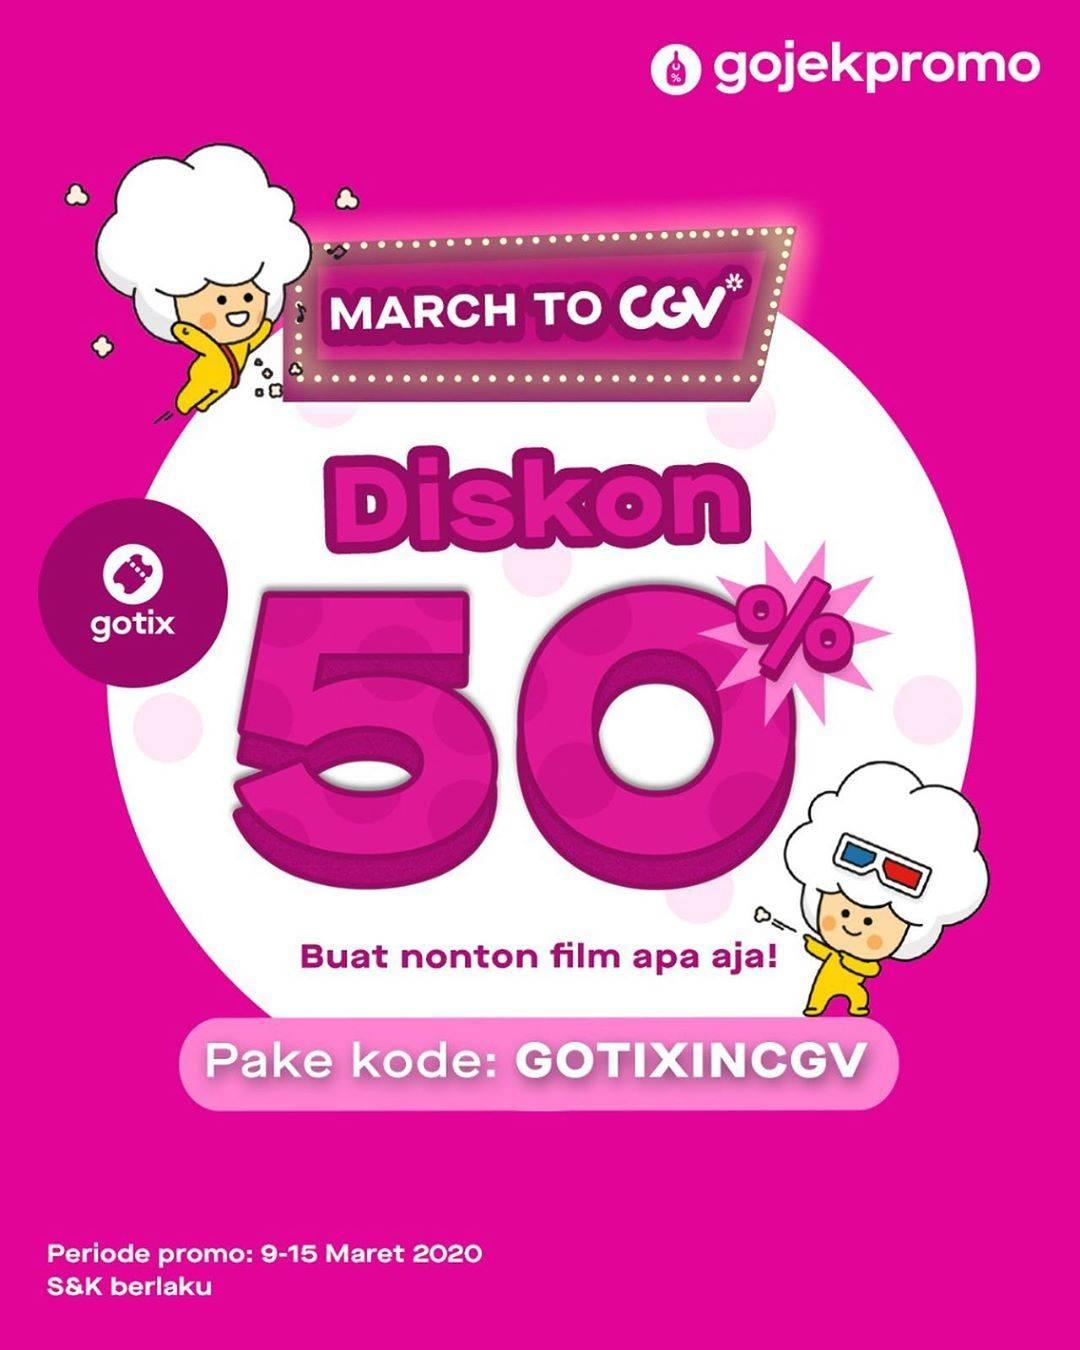 Diskon CGV Promo Diskon 50% Pembayaran Menggunakan Kode Promo Dari Gotix